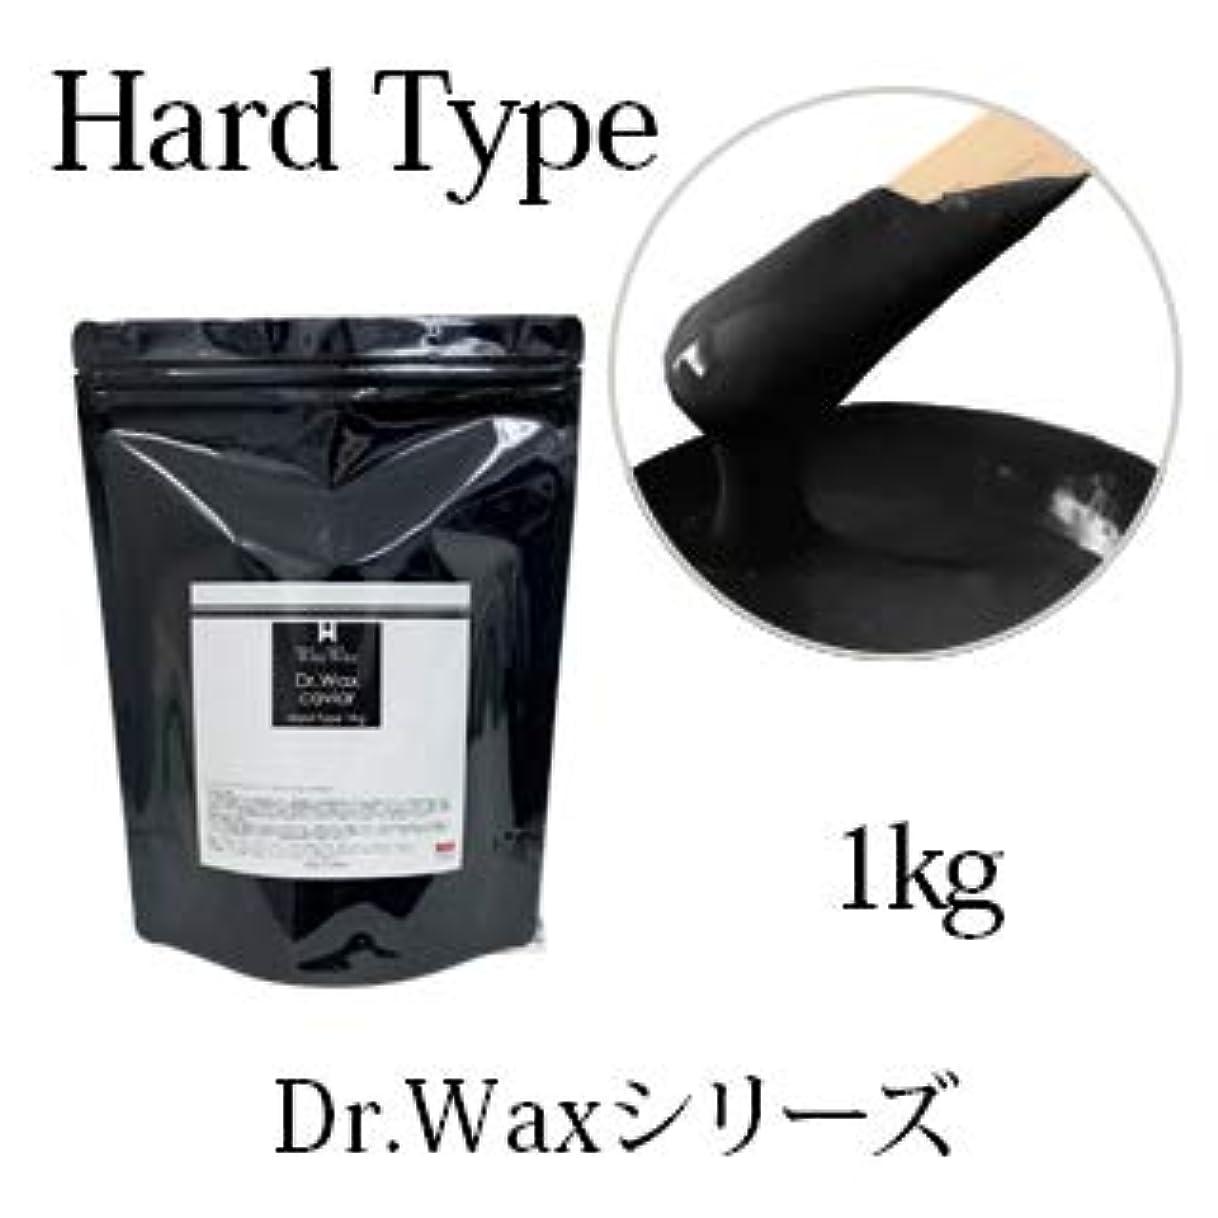 扇動する心配従者【Dr.waxシリーズ】ワックス脱毛 粒タイプ 紙を使用しない ハードワックス (キャビア 1kg)